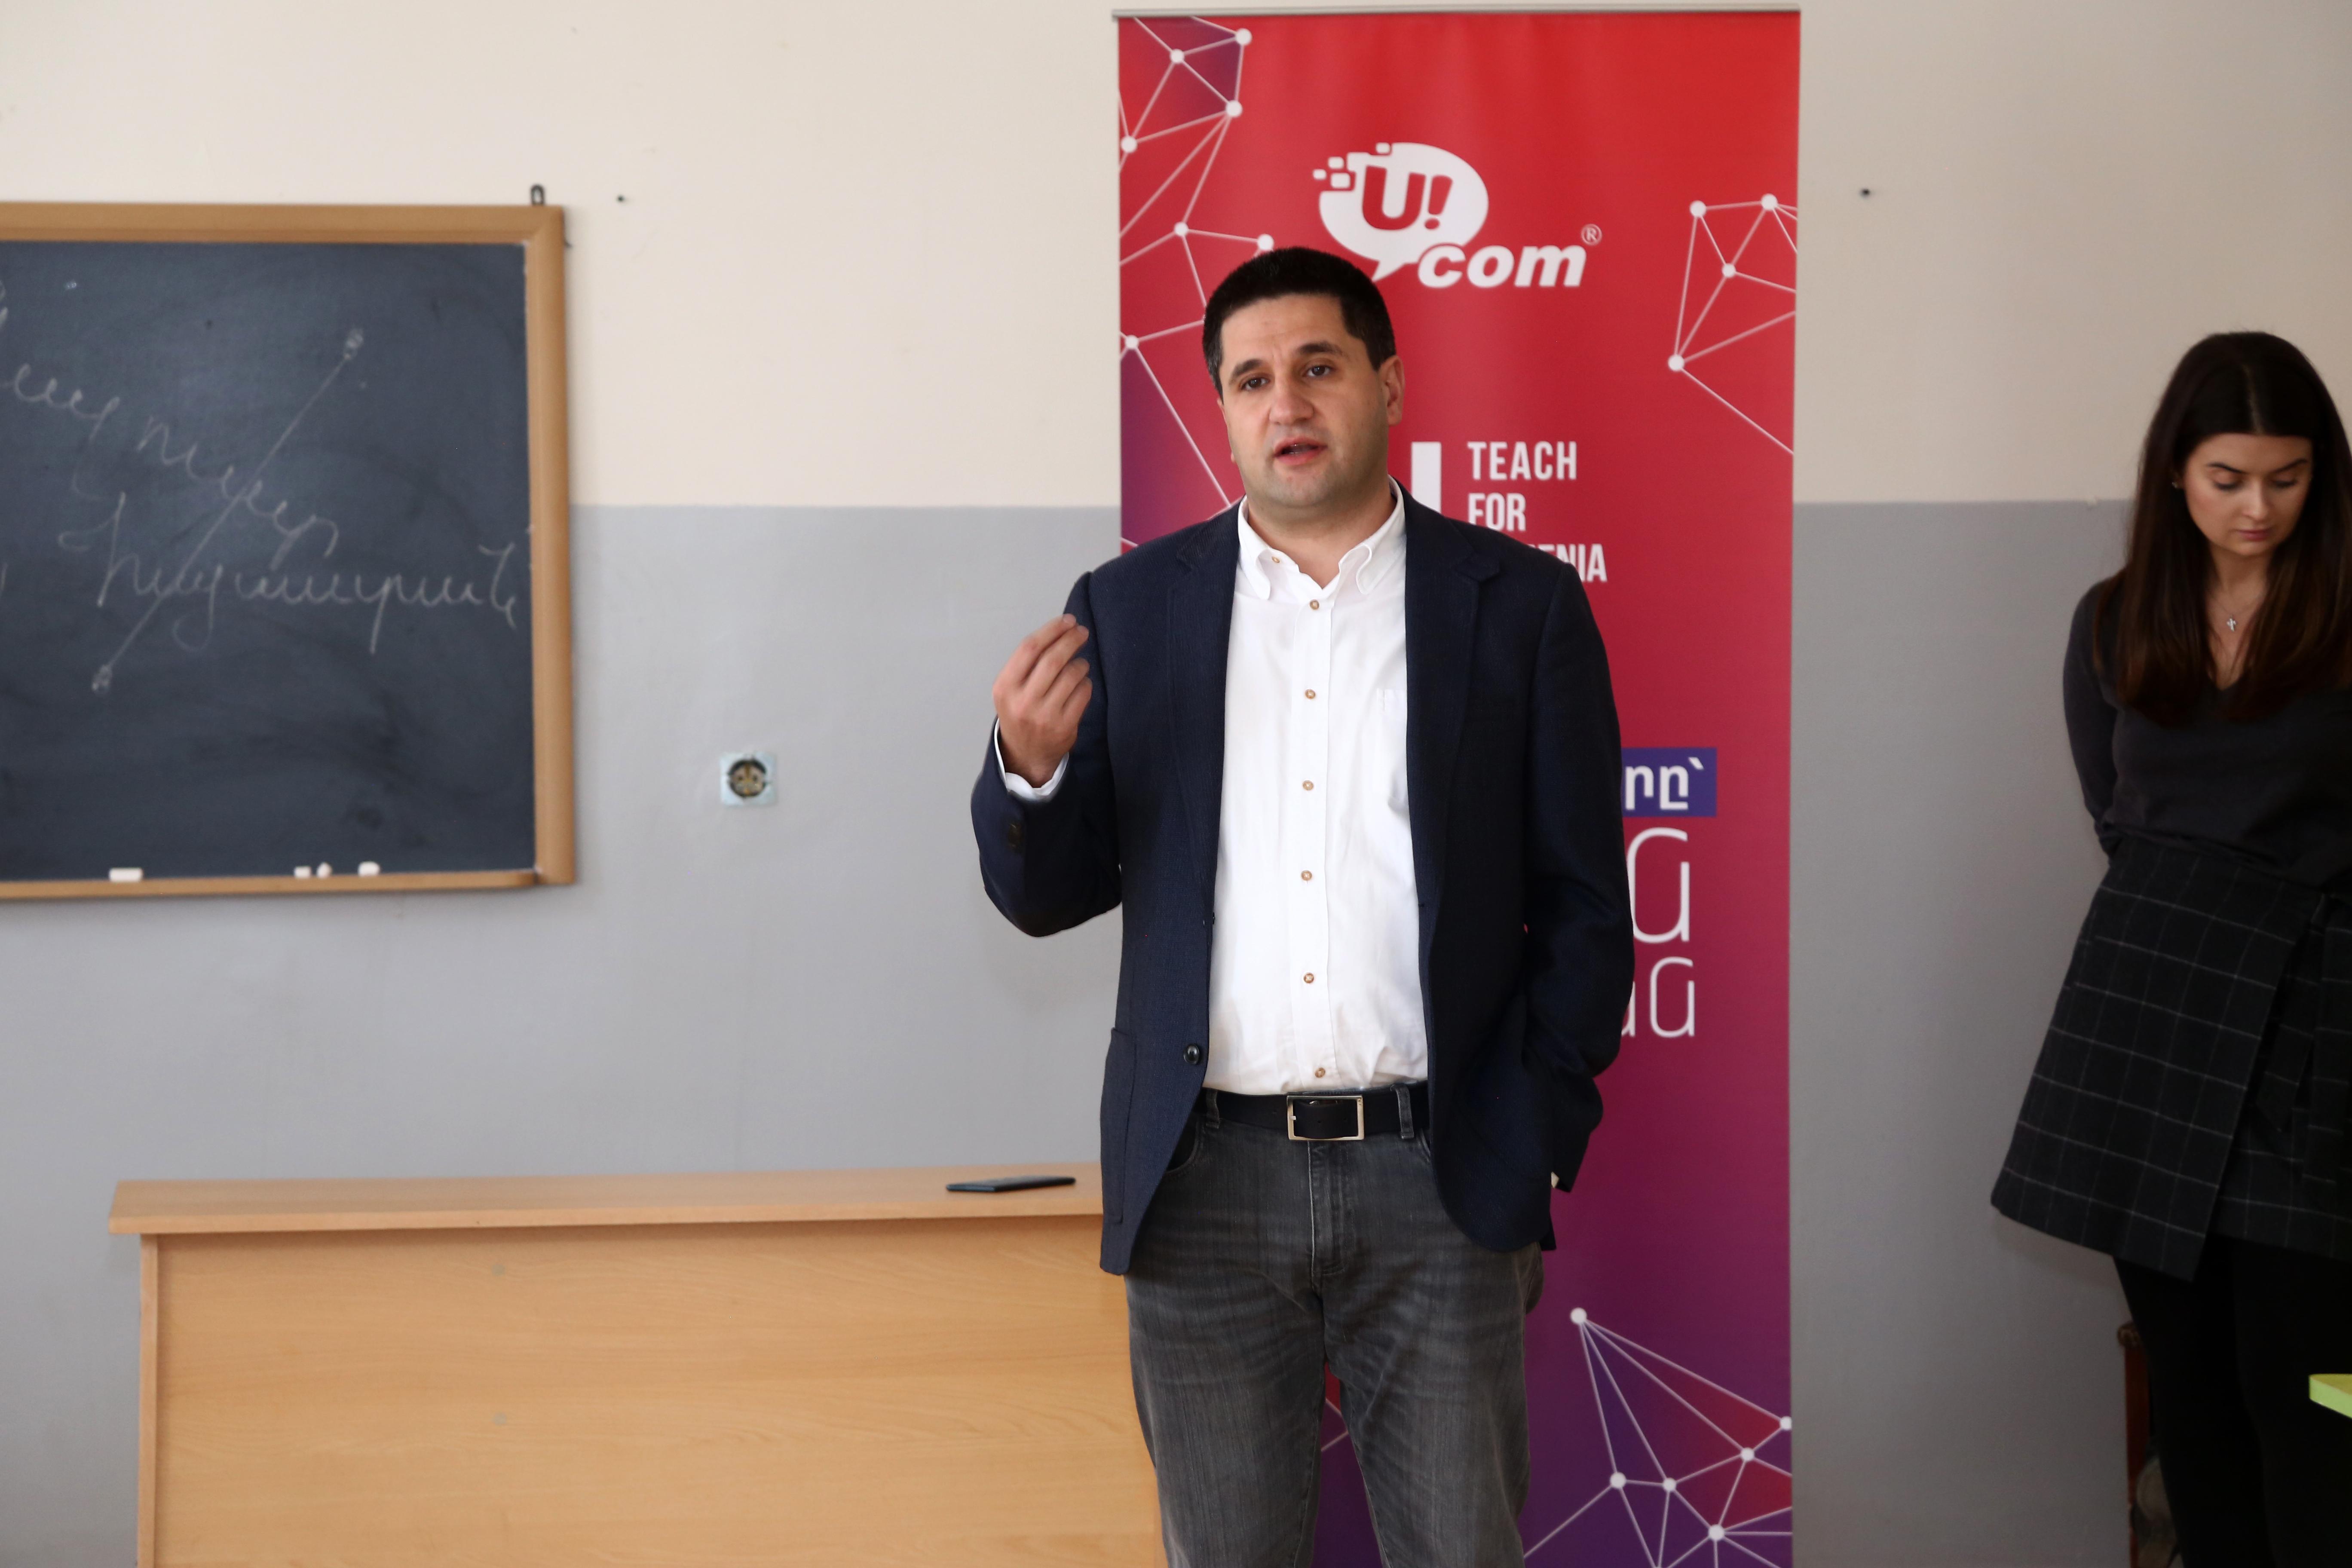 Директор Ucom провел открытый урок для учащихся лаборатории «Армат» и учеников программы «Teach for Armenia»